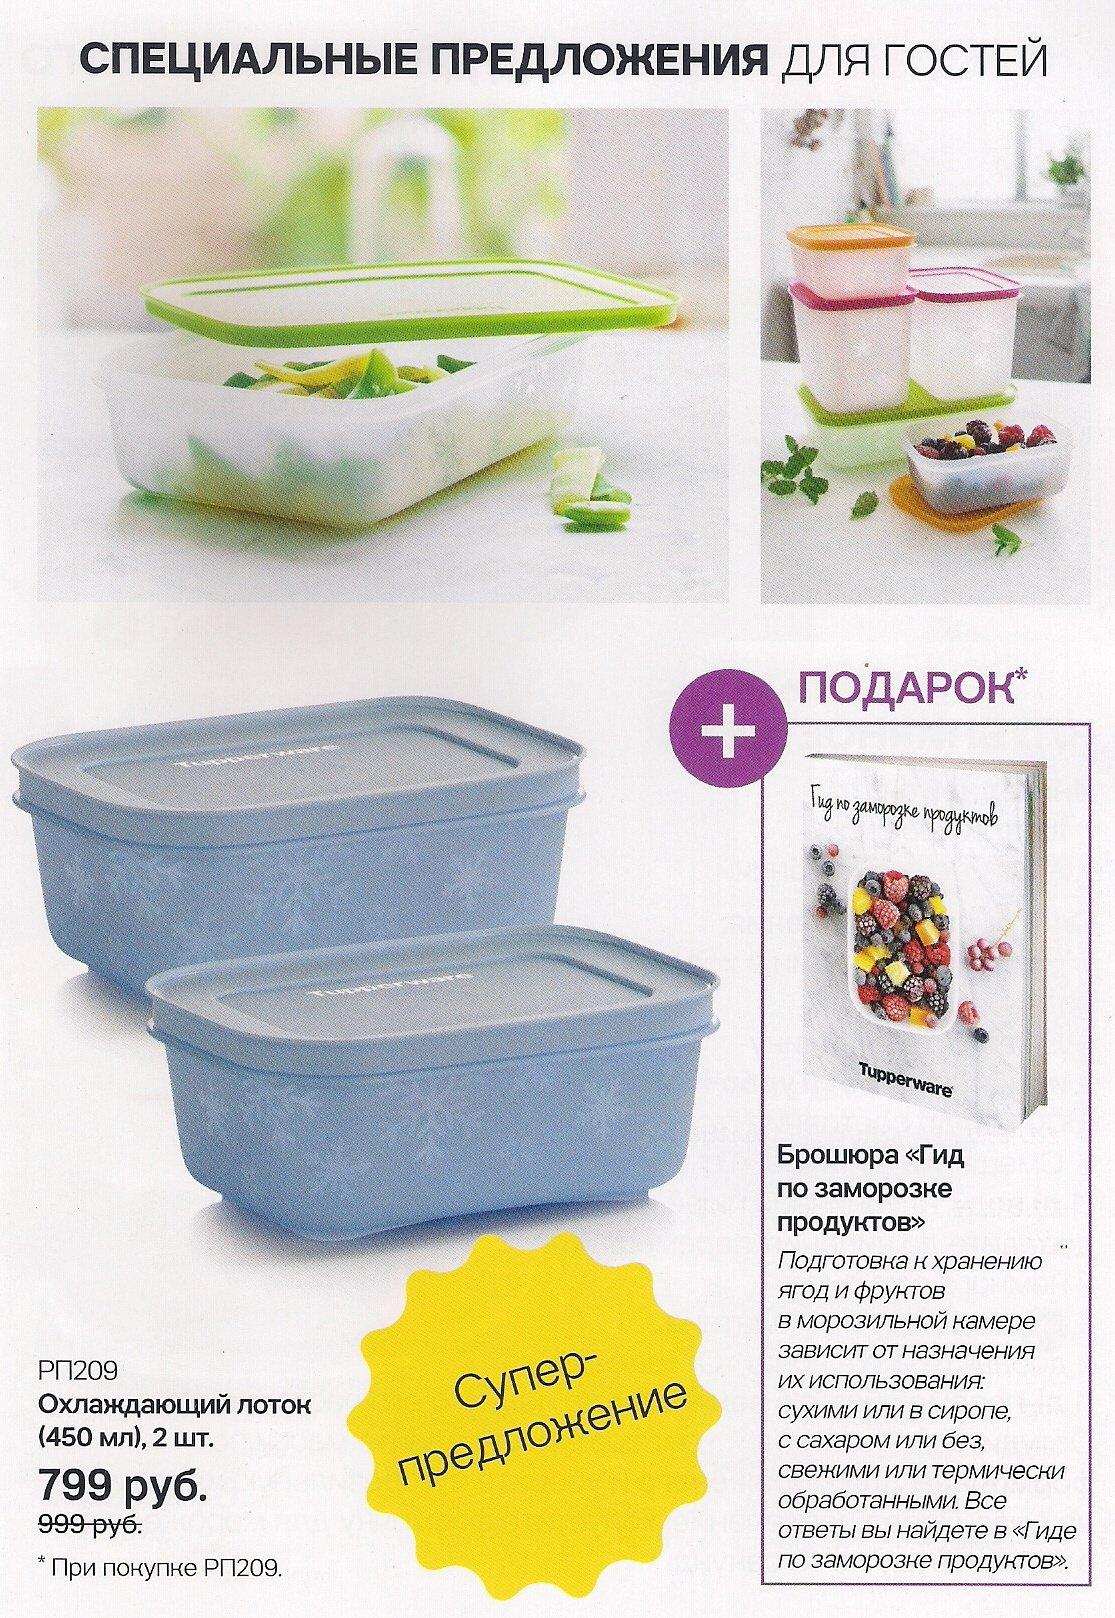 http://tupperware-online.ru/images/upload/s11.jpg